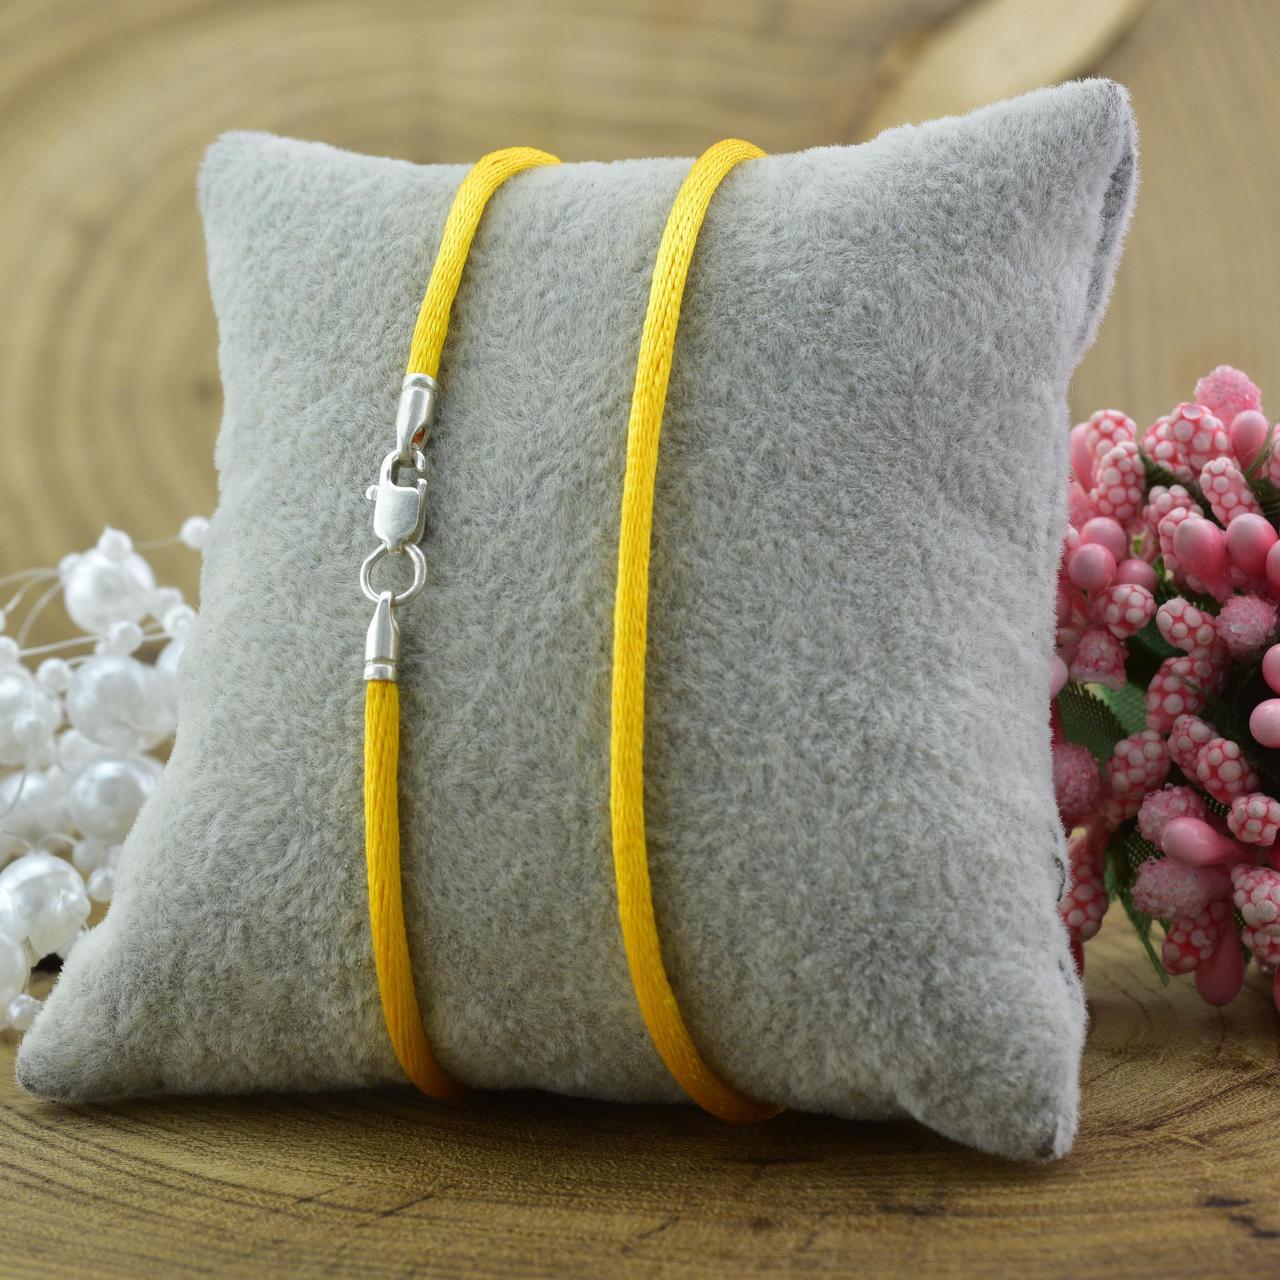 Шнурок шелковый цвет желтый длина 50 см ширина 2 мм вес серебра 0.7 г